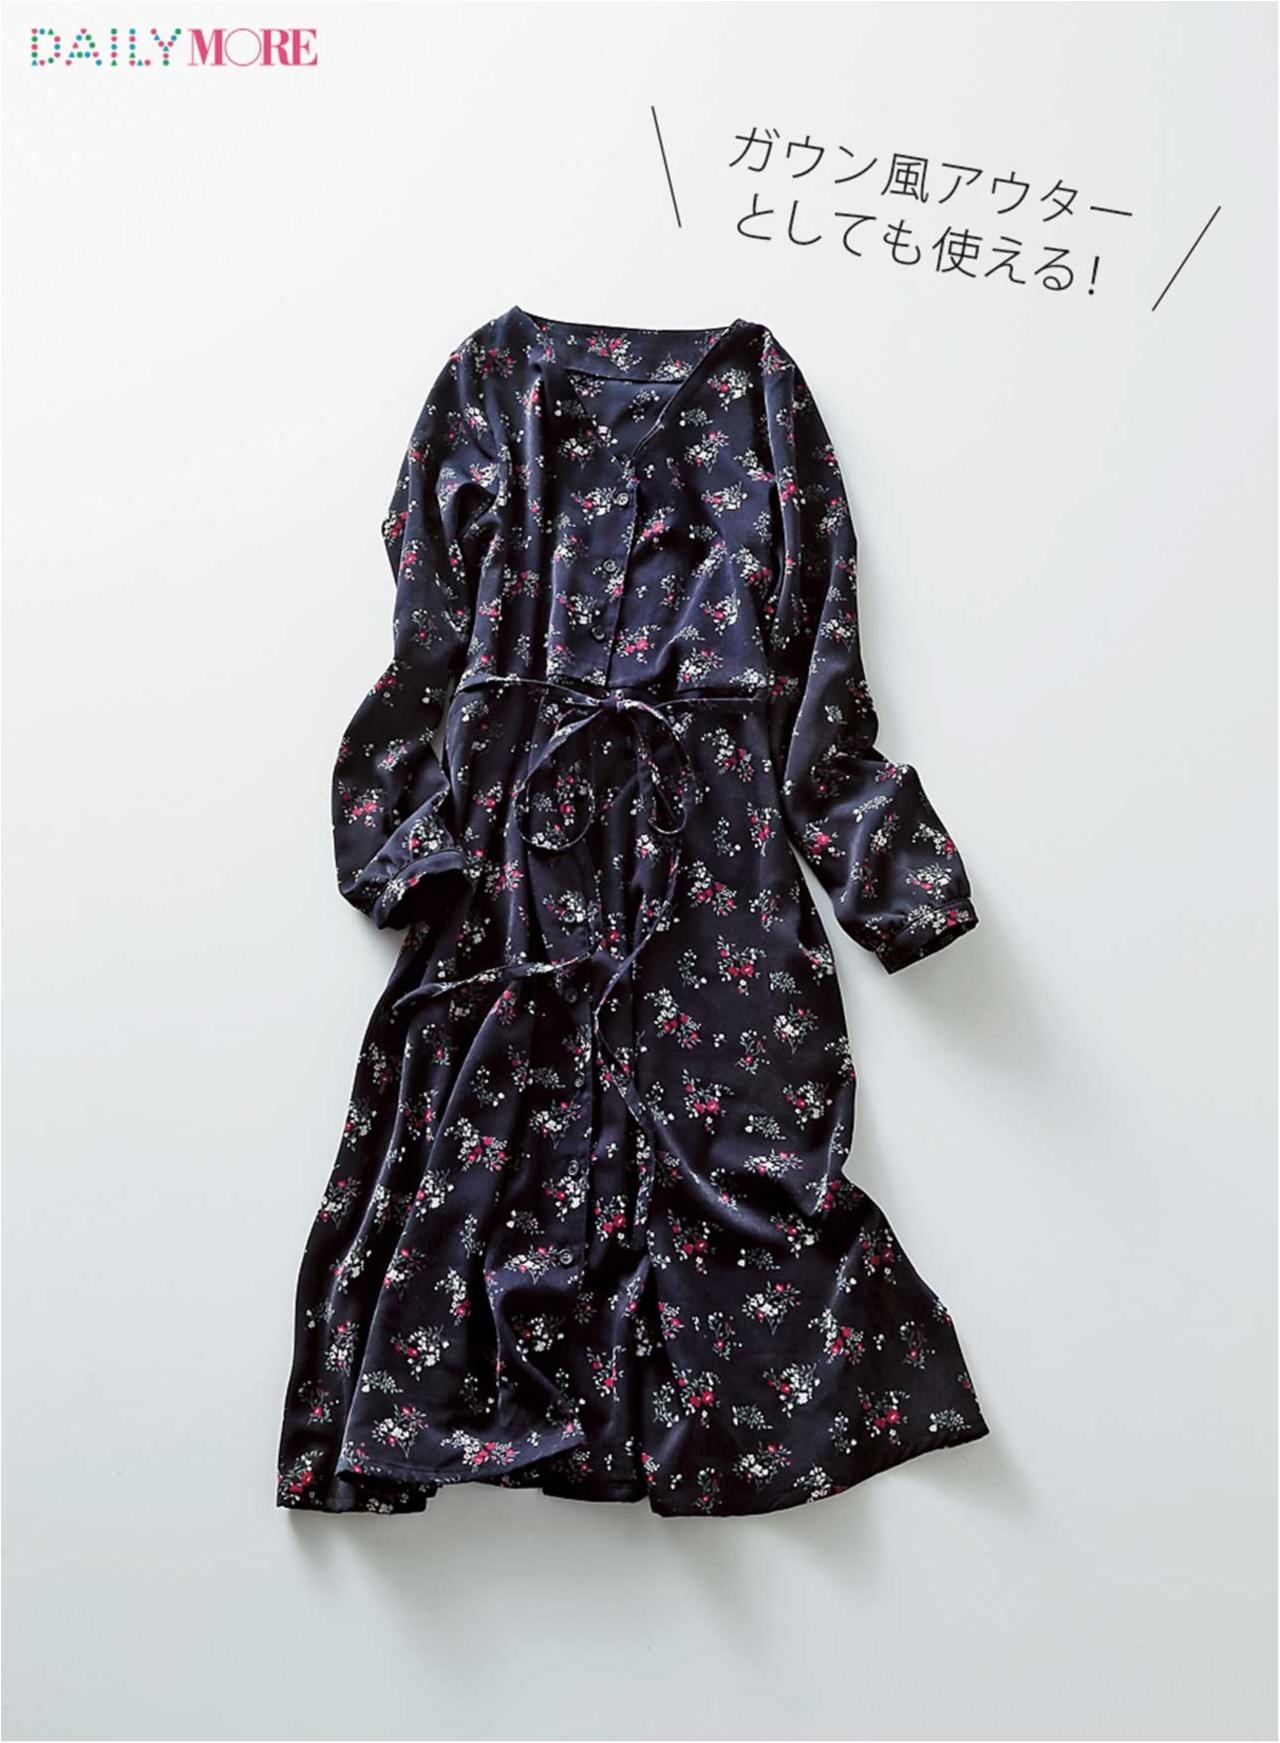 【追加生産も決定!】『Flower days』の新作を着ているとモテるらしい!?_1